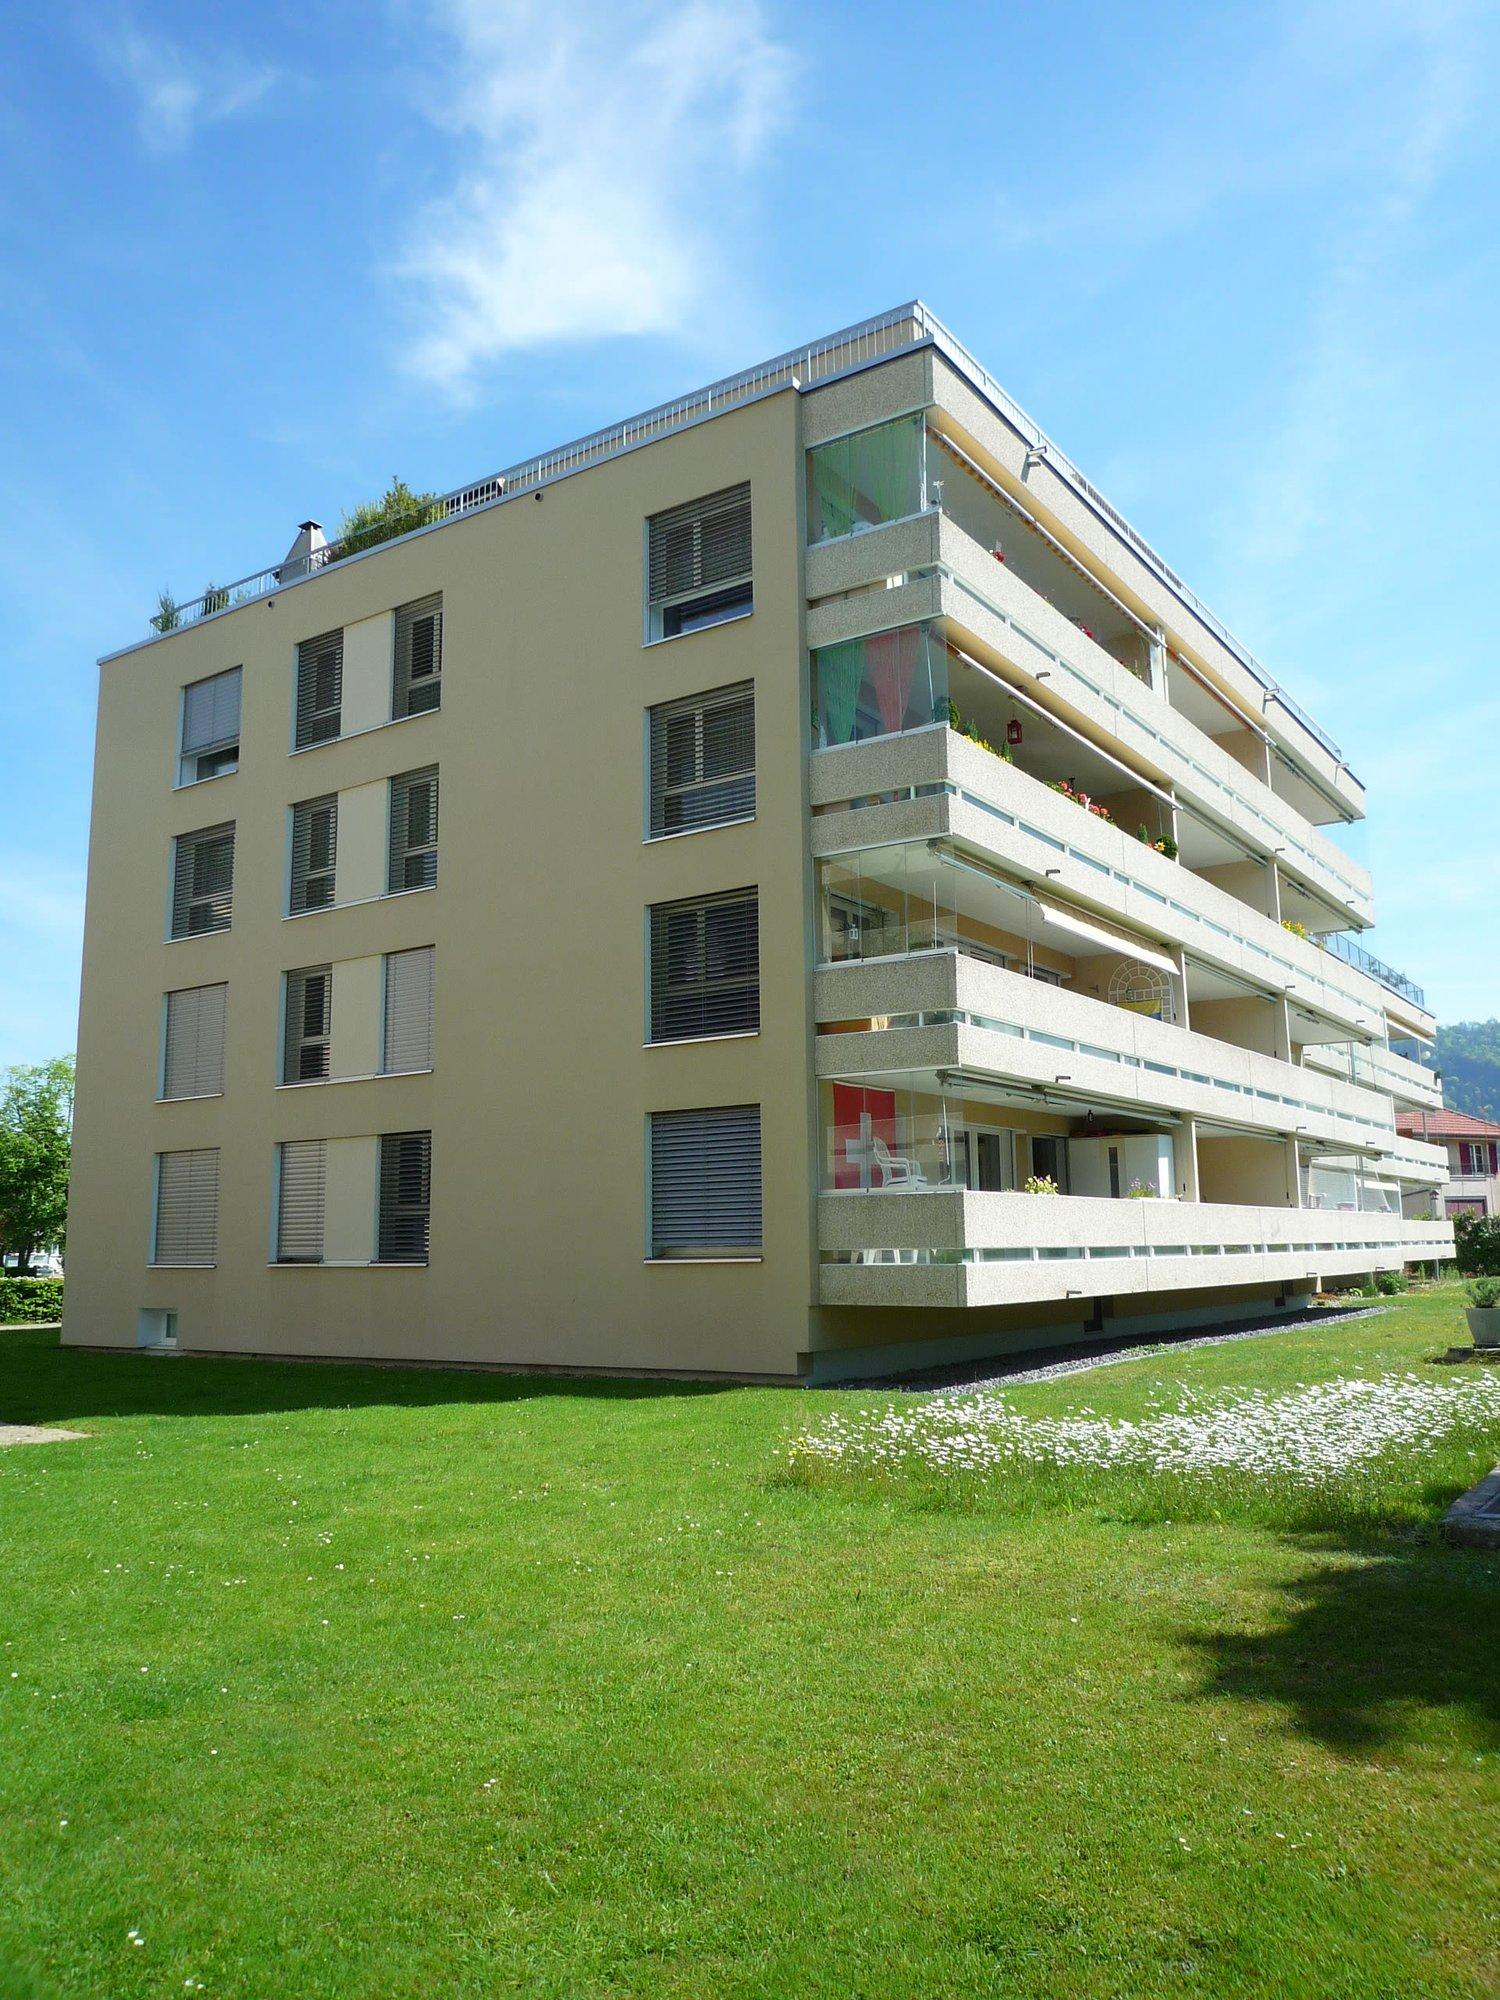 Pestalozzistrasse 73